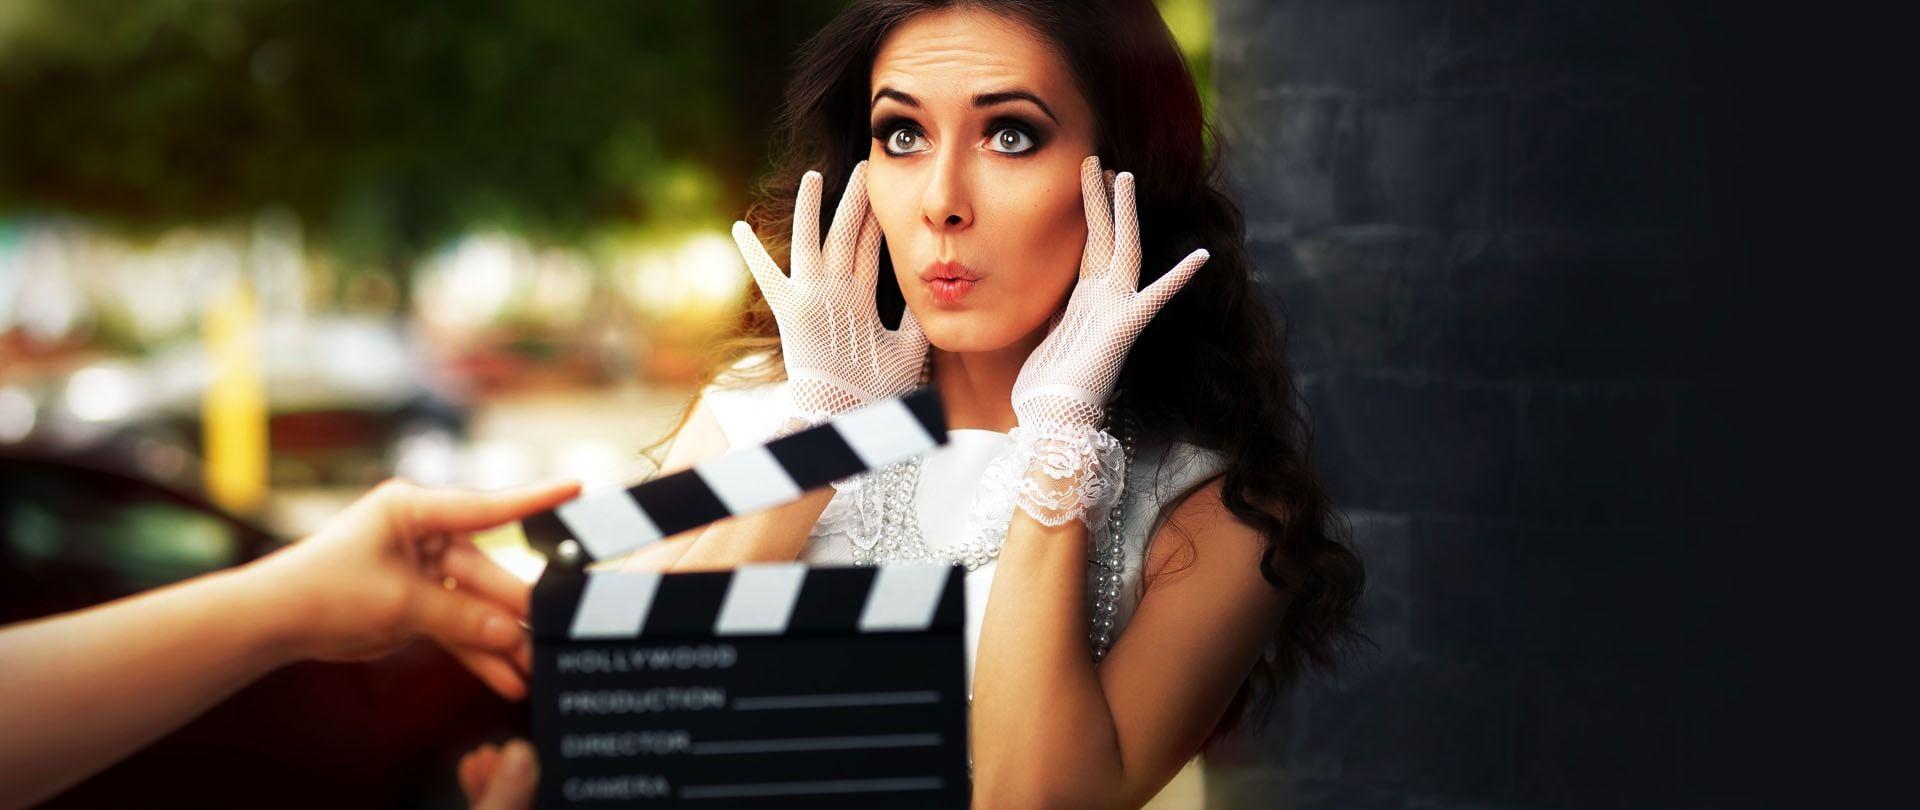 Best acting institute delhi modeling schools theatre